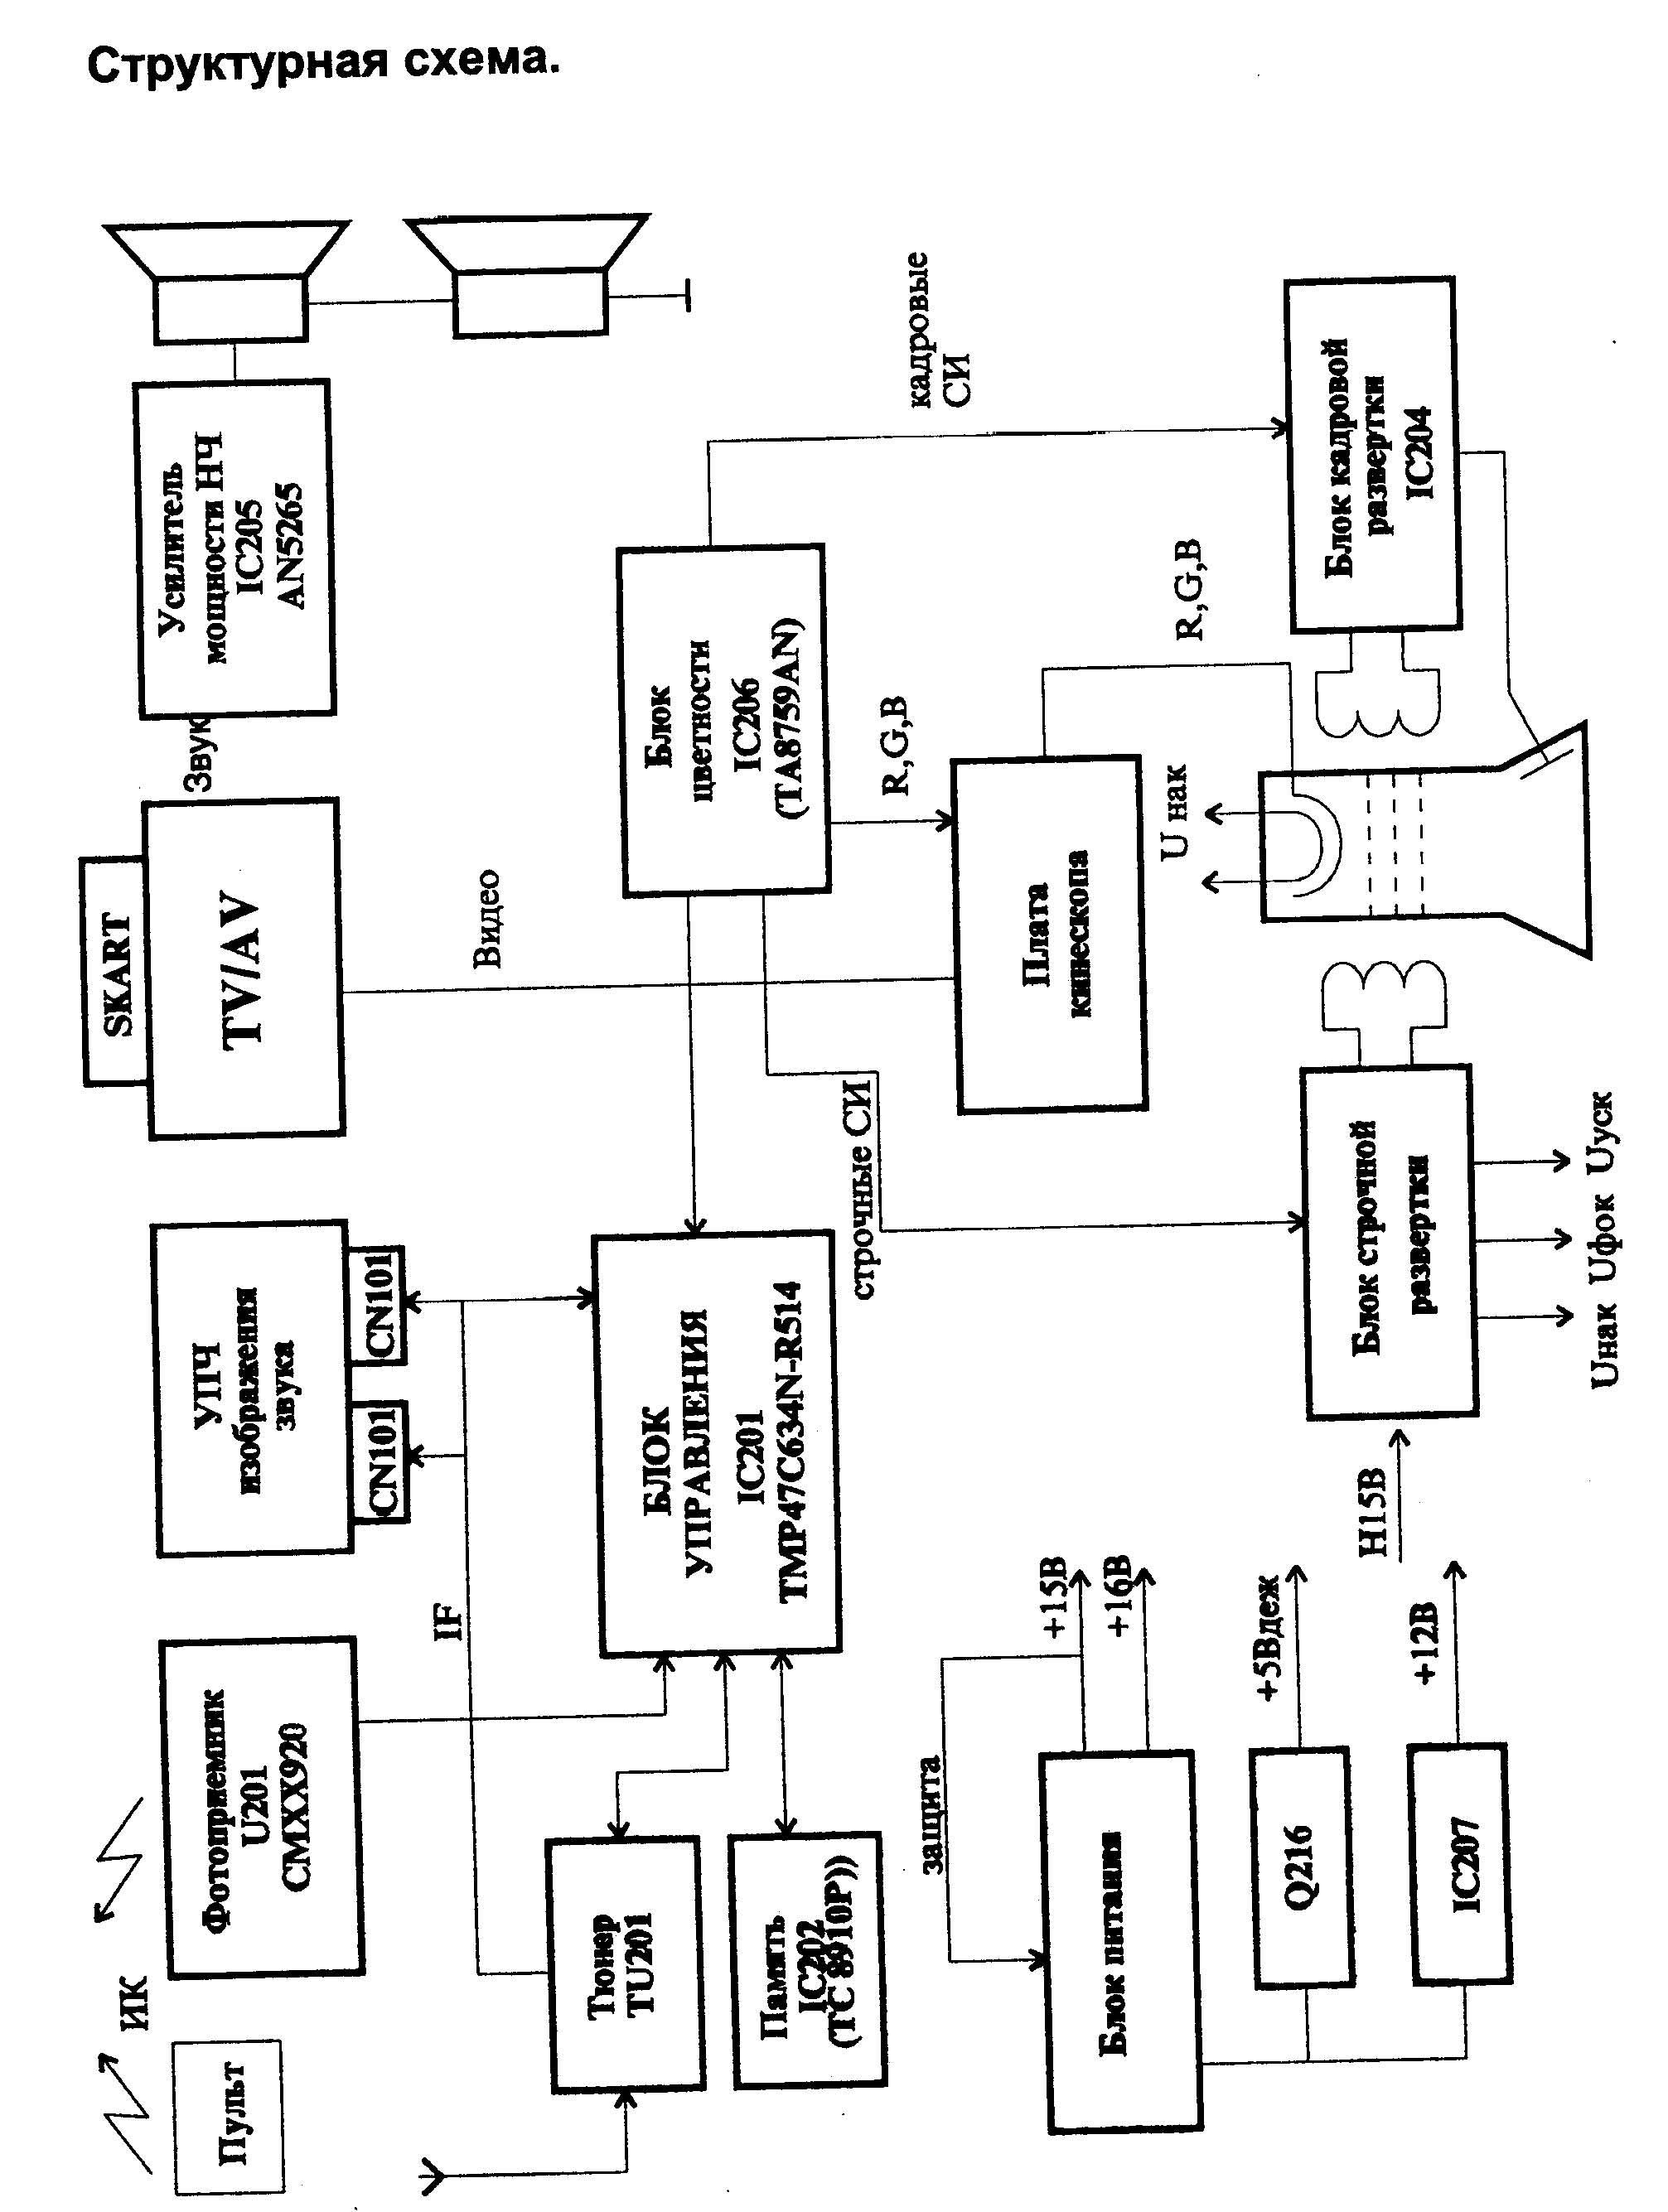 Схема верхней разводки системы отопления